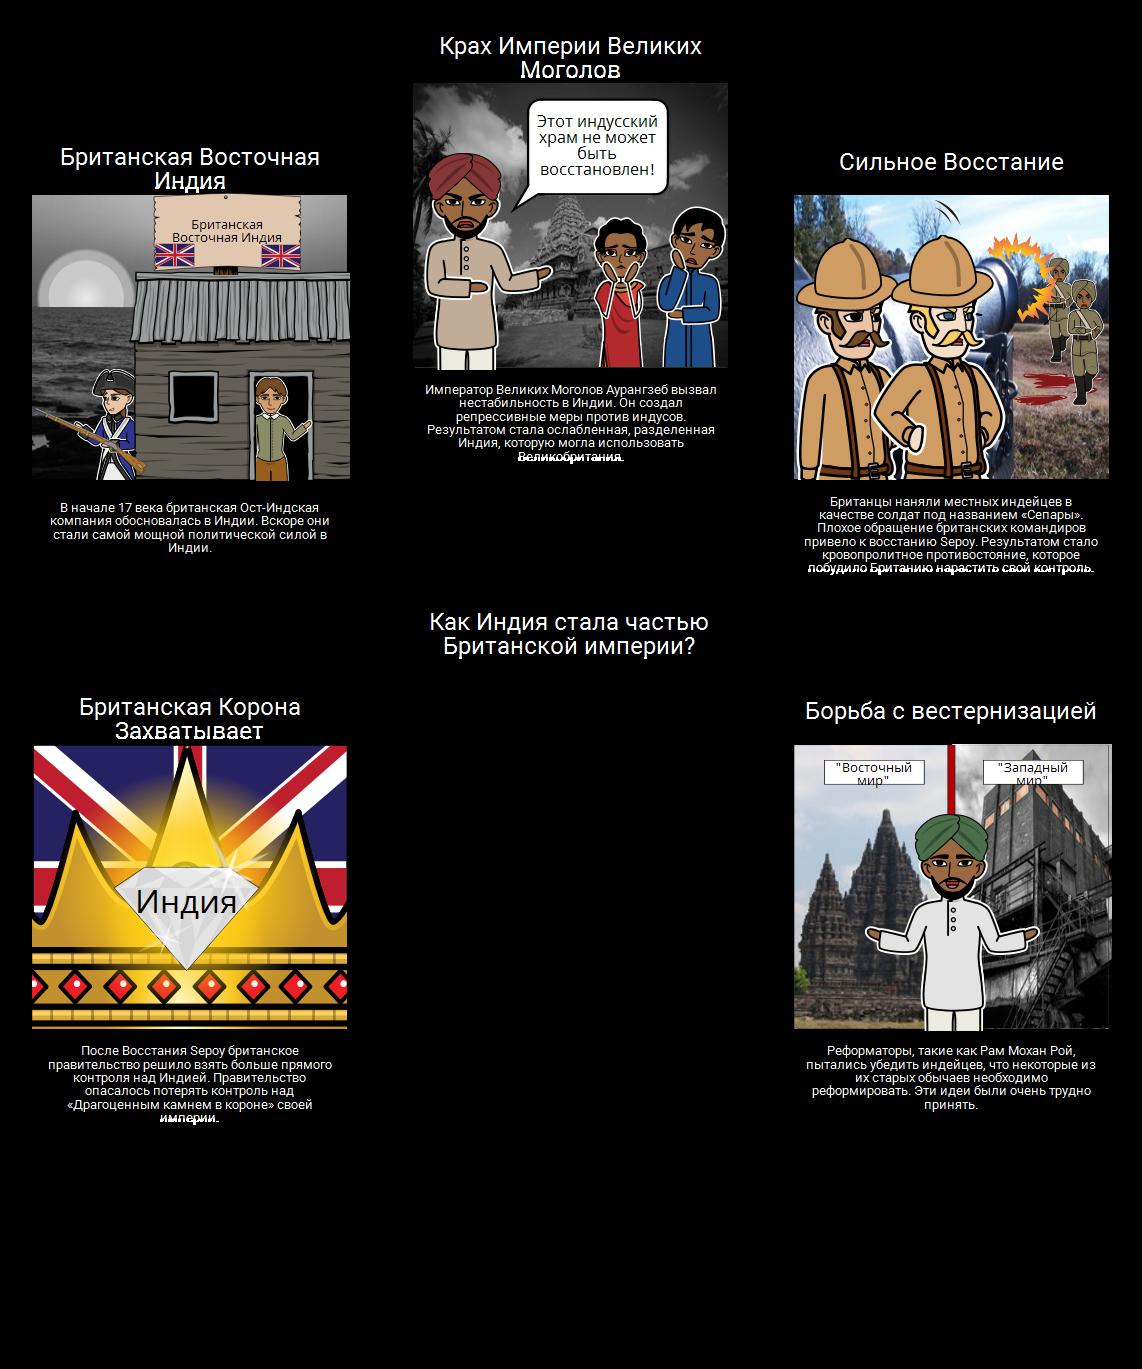 История Империализм - Включение Индии в Британской Империи